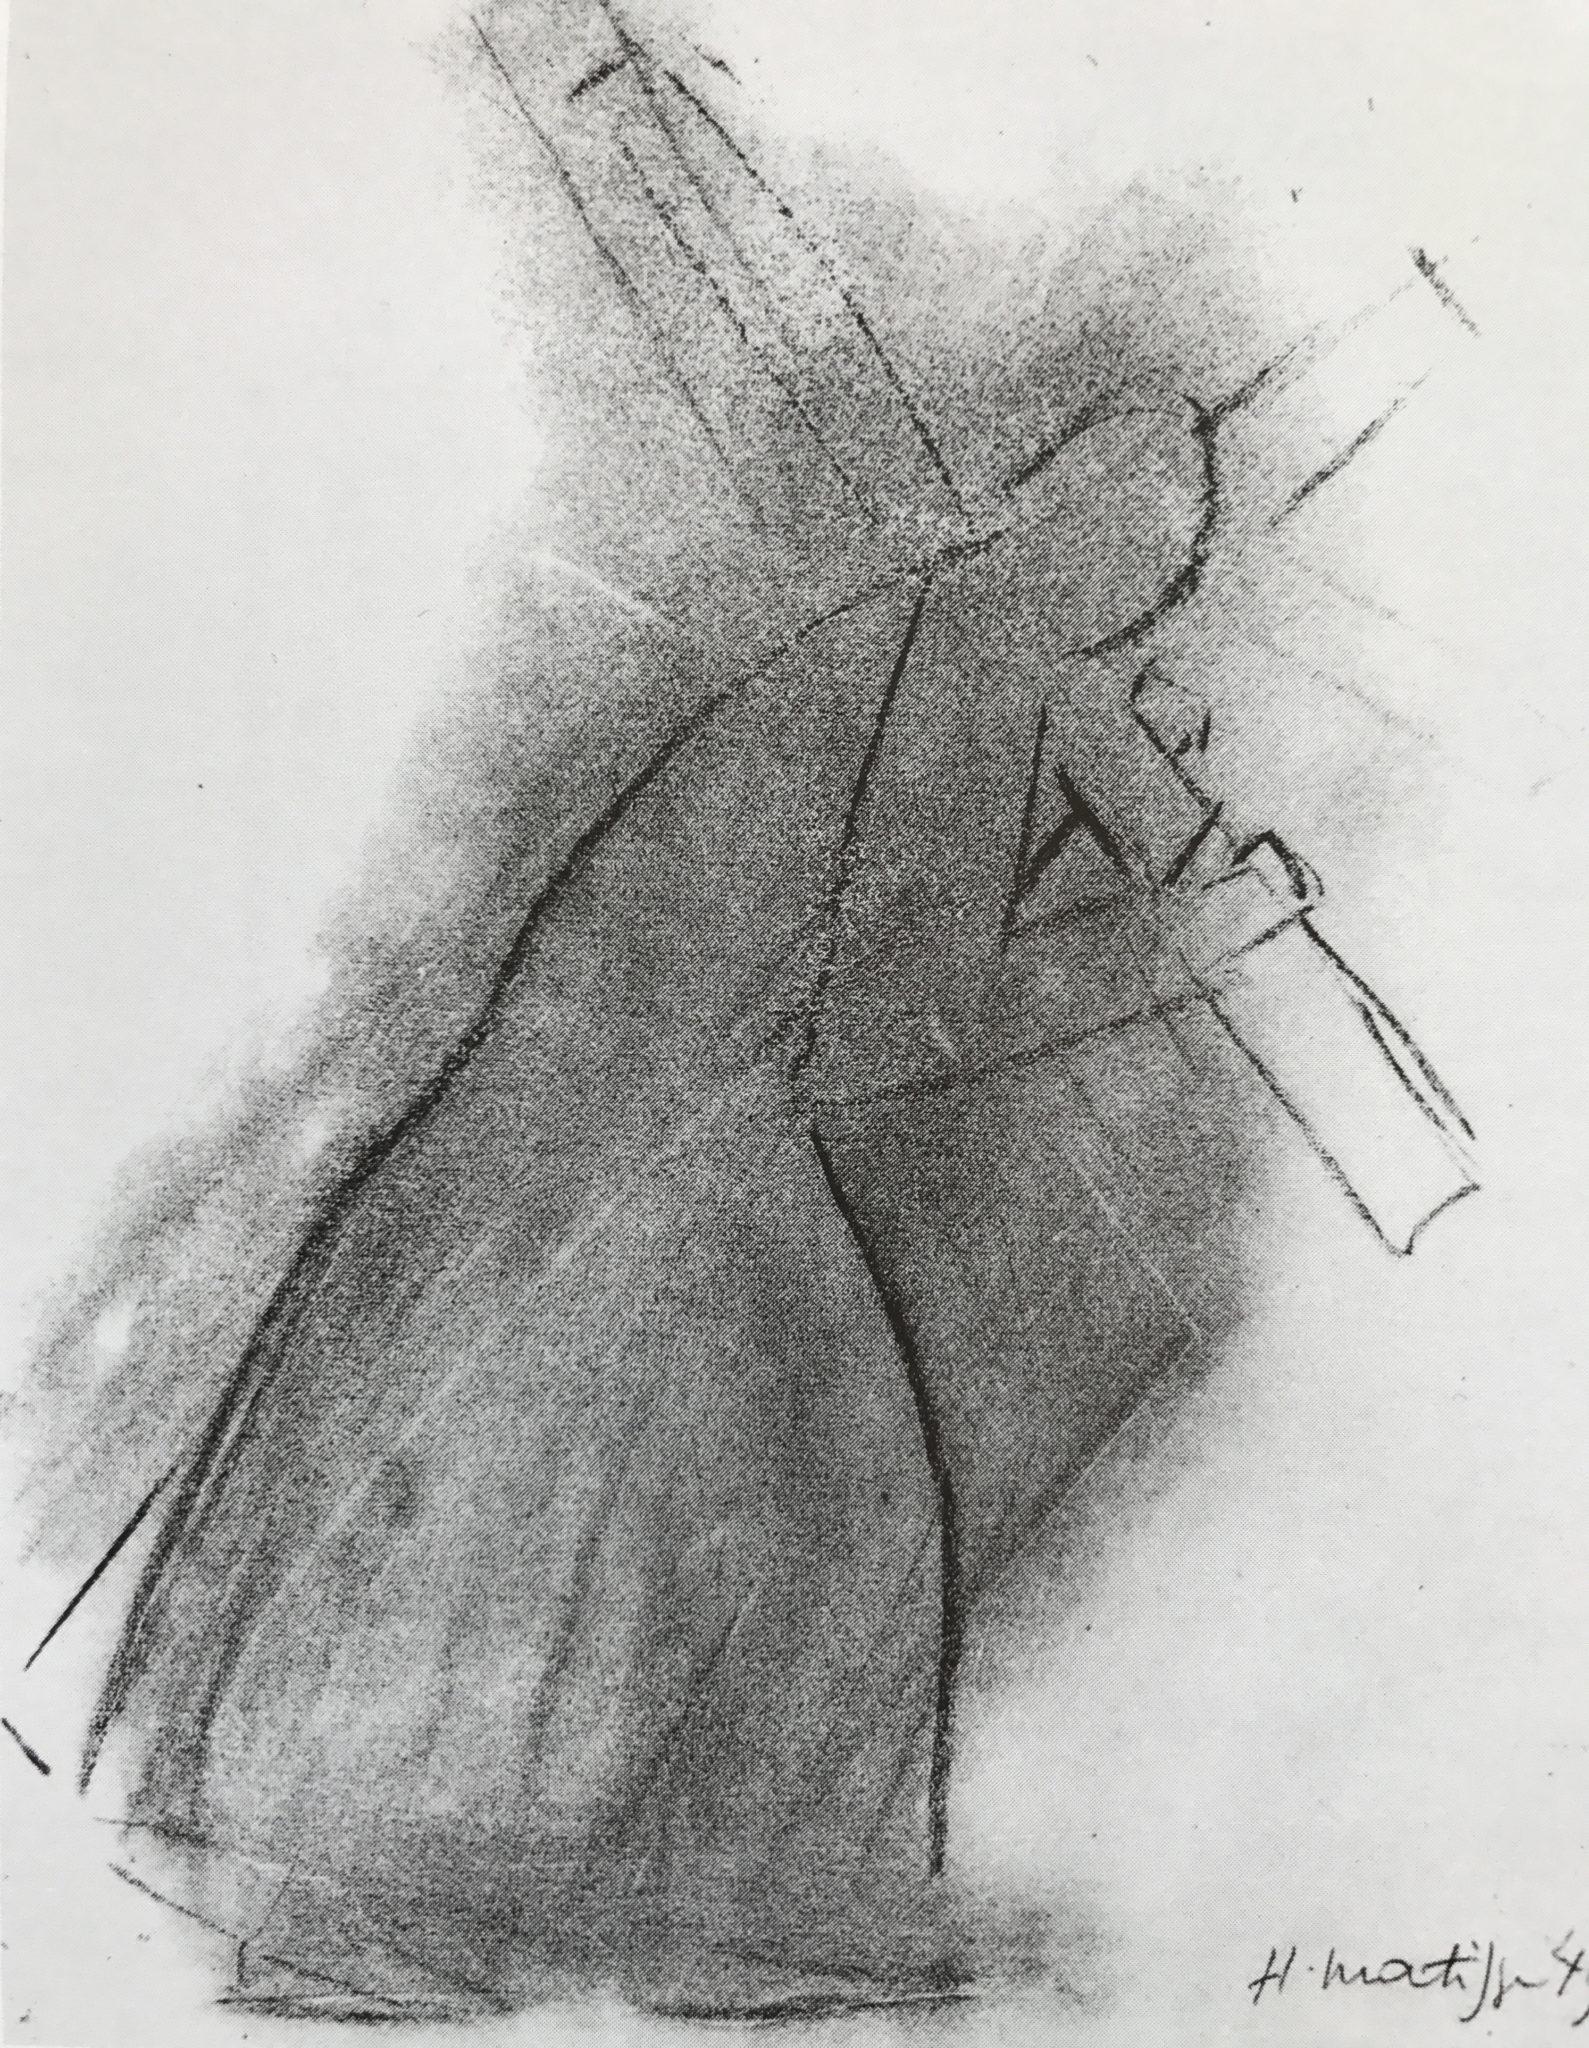 «Jesus med korset». Studie til 2. stasjon på korsets vei – veggutsmykning til kapellet i Vence. Skisse Henri Matisse, 1949. Kull på papir.